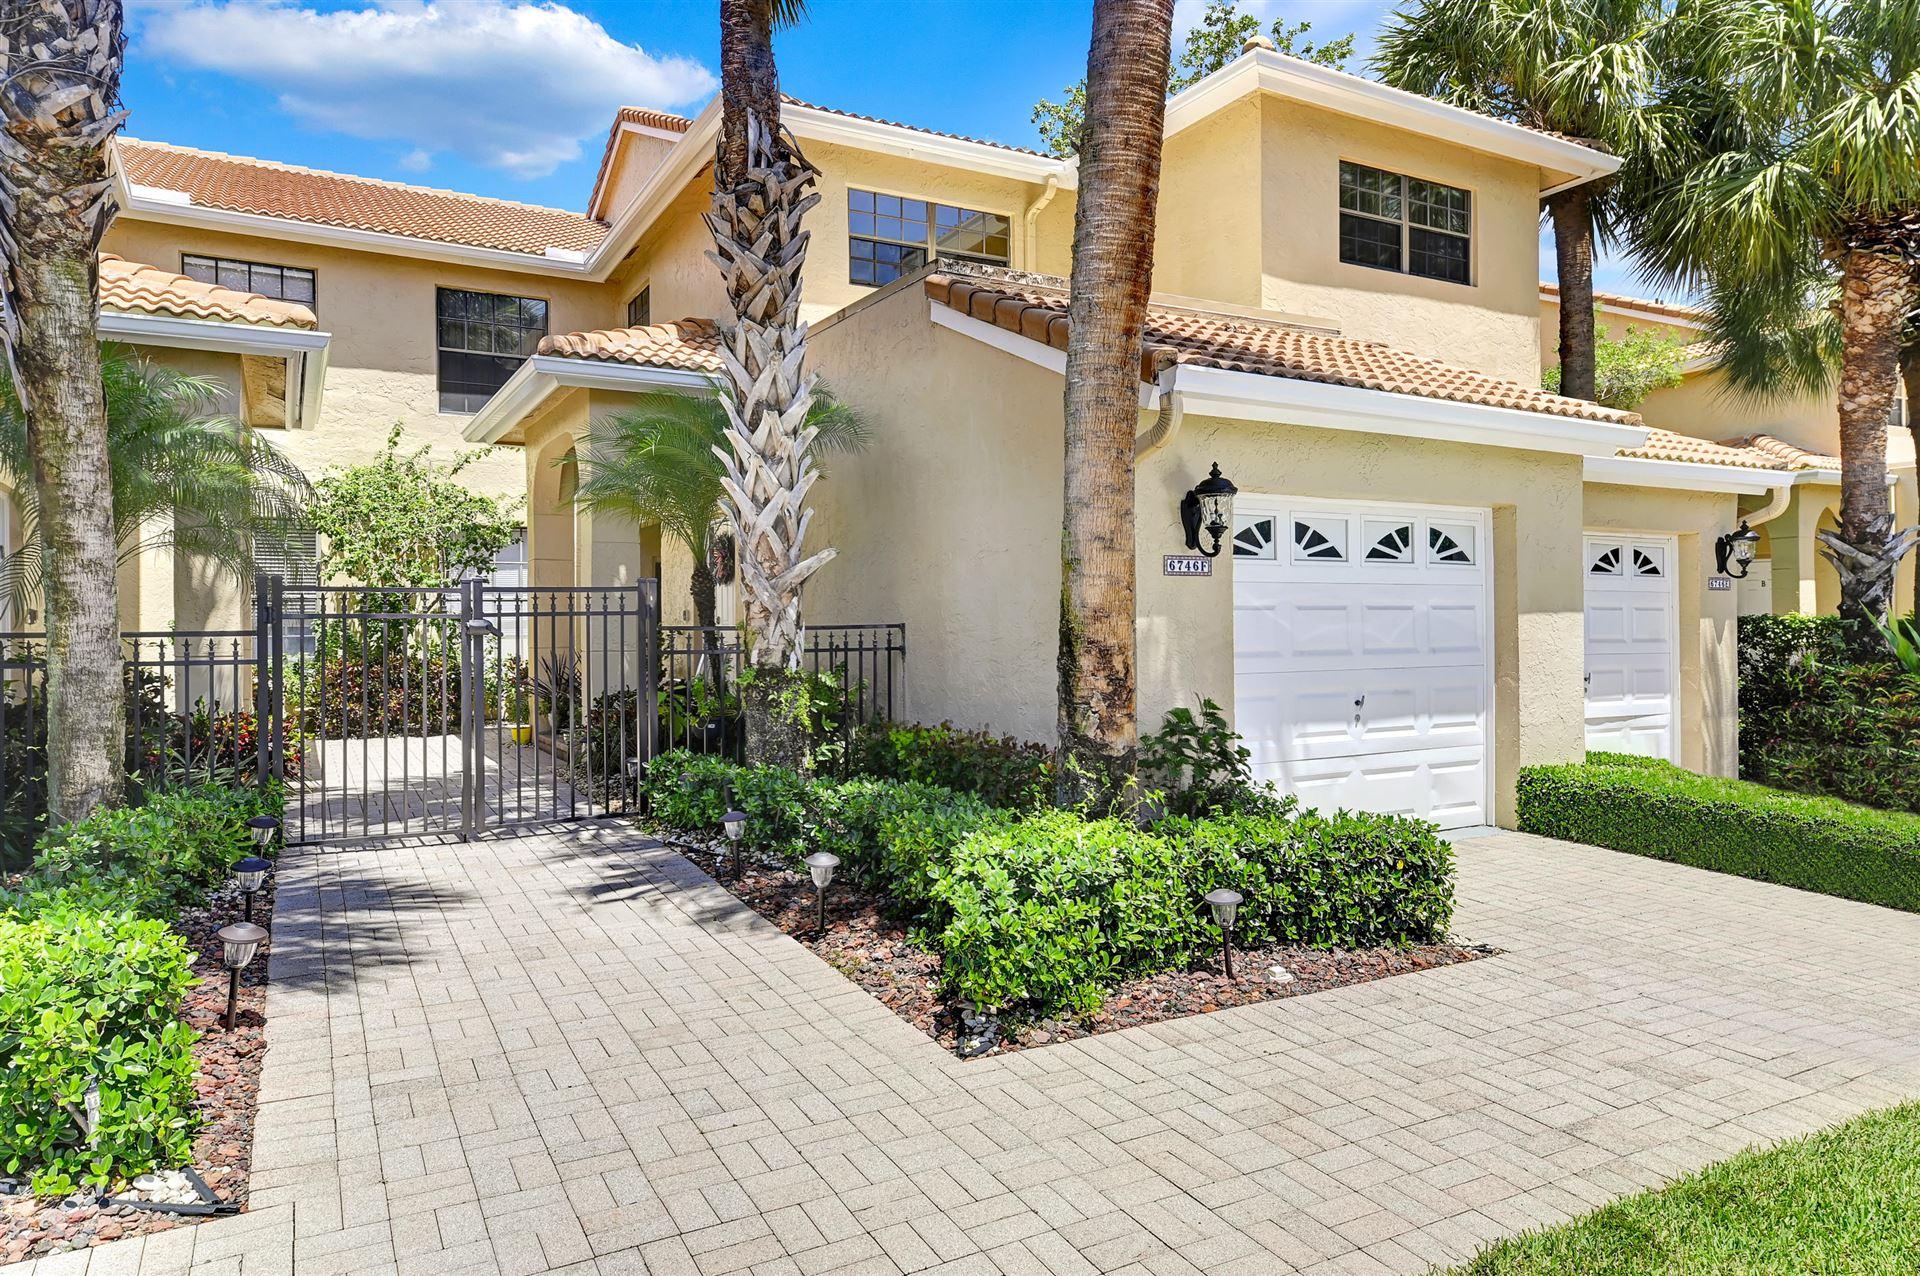 6746 Montego Bay Boulevard #E, Boca Raton, FL 33433 - #: RX-10643259